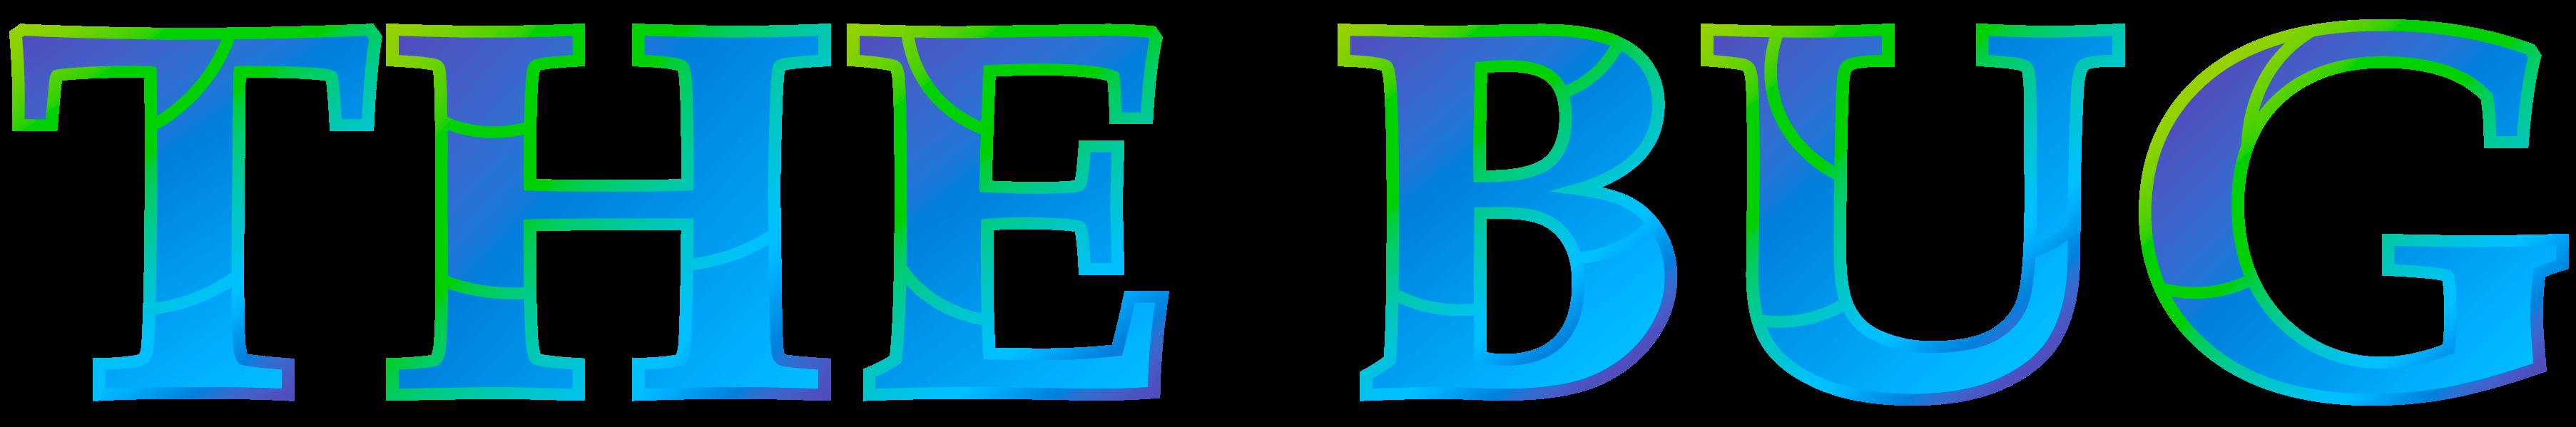 Digital-агенство повного циклу THE BUG ™ у Вінниці | Запуск та просування бізнесу у мережі Internet під «ключ» | Web-дизайн | Створення сайтів | Розробка логотипів та фірмового стилю | Створення рекламних кампаній Google Ads, Facebook & Instagram | SMM, SEO та SEM просування | Налаштування CRM-систем | Проектування digital-маркетинг стратегій | Розробка та впровадження унікального контенту ㋛